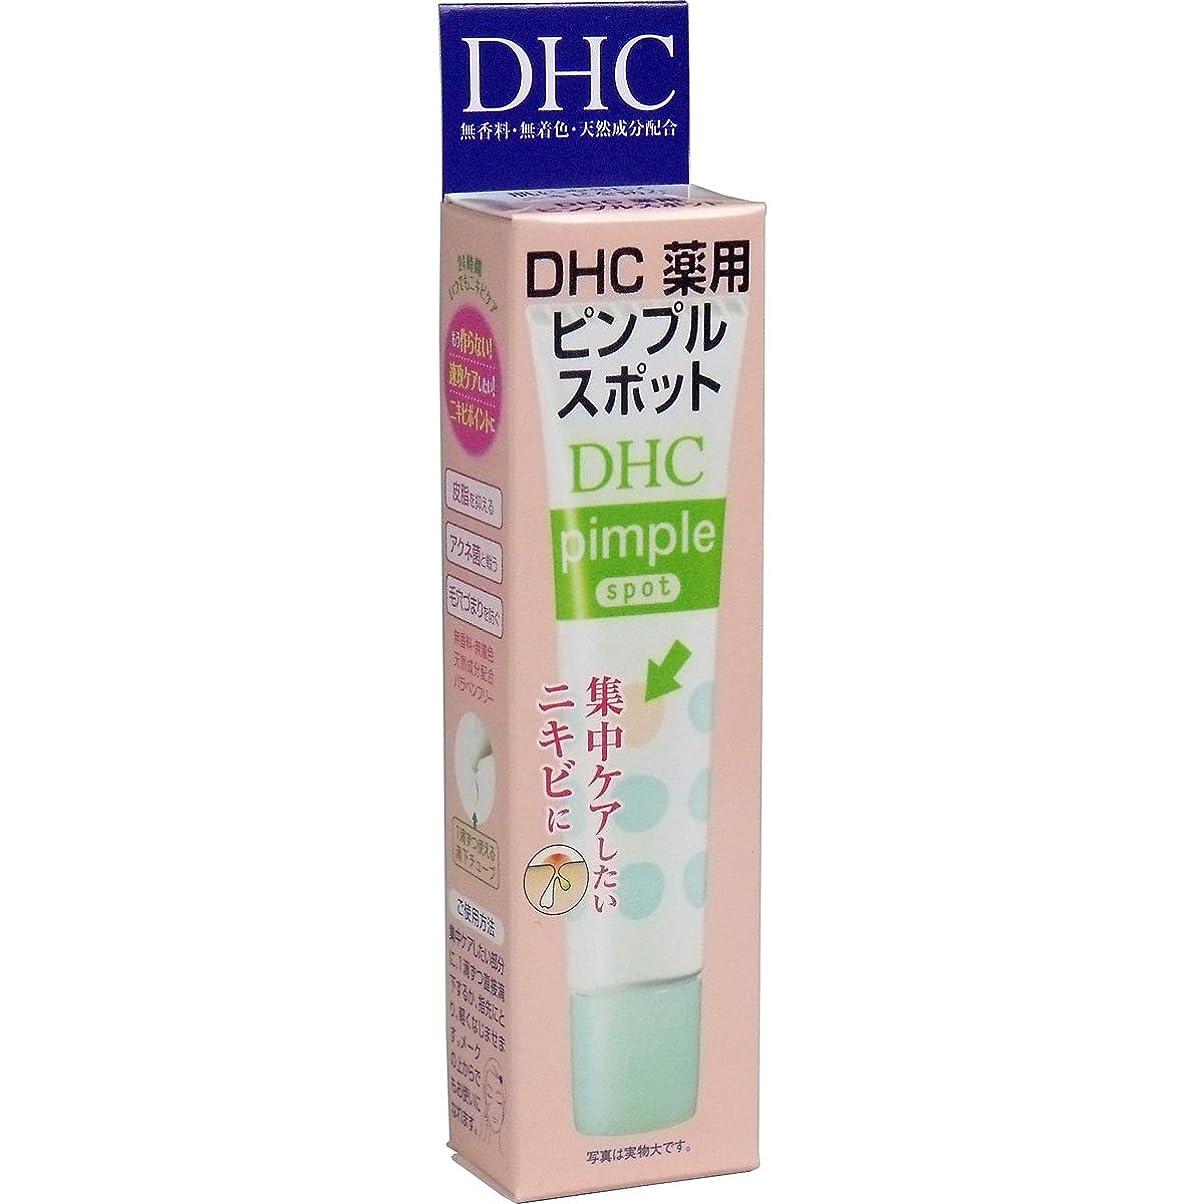 不適当ブロンズ一瞬【DHC】DHC 薬用ピンプルスポット 15ml ×20個セット